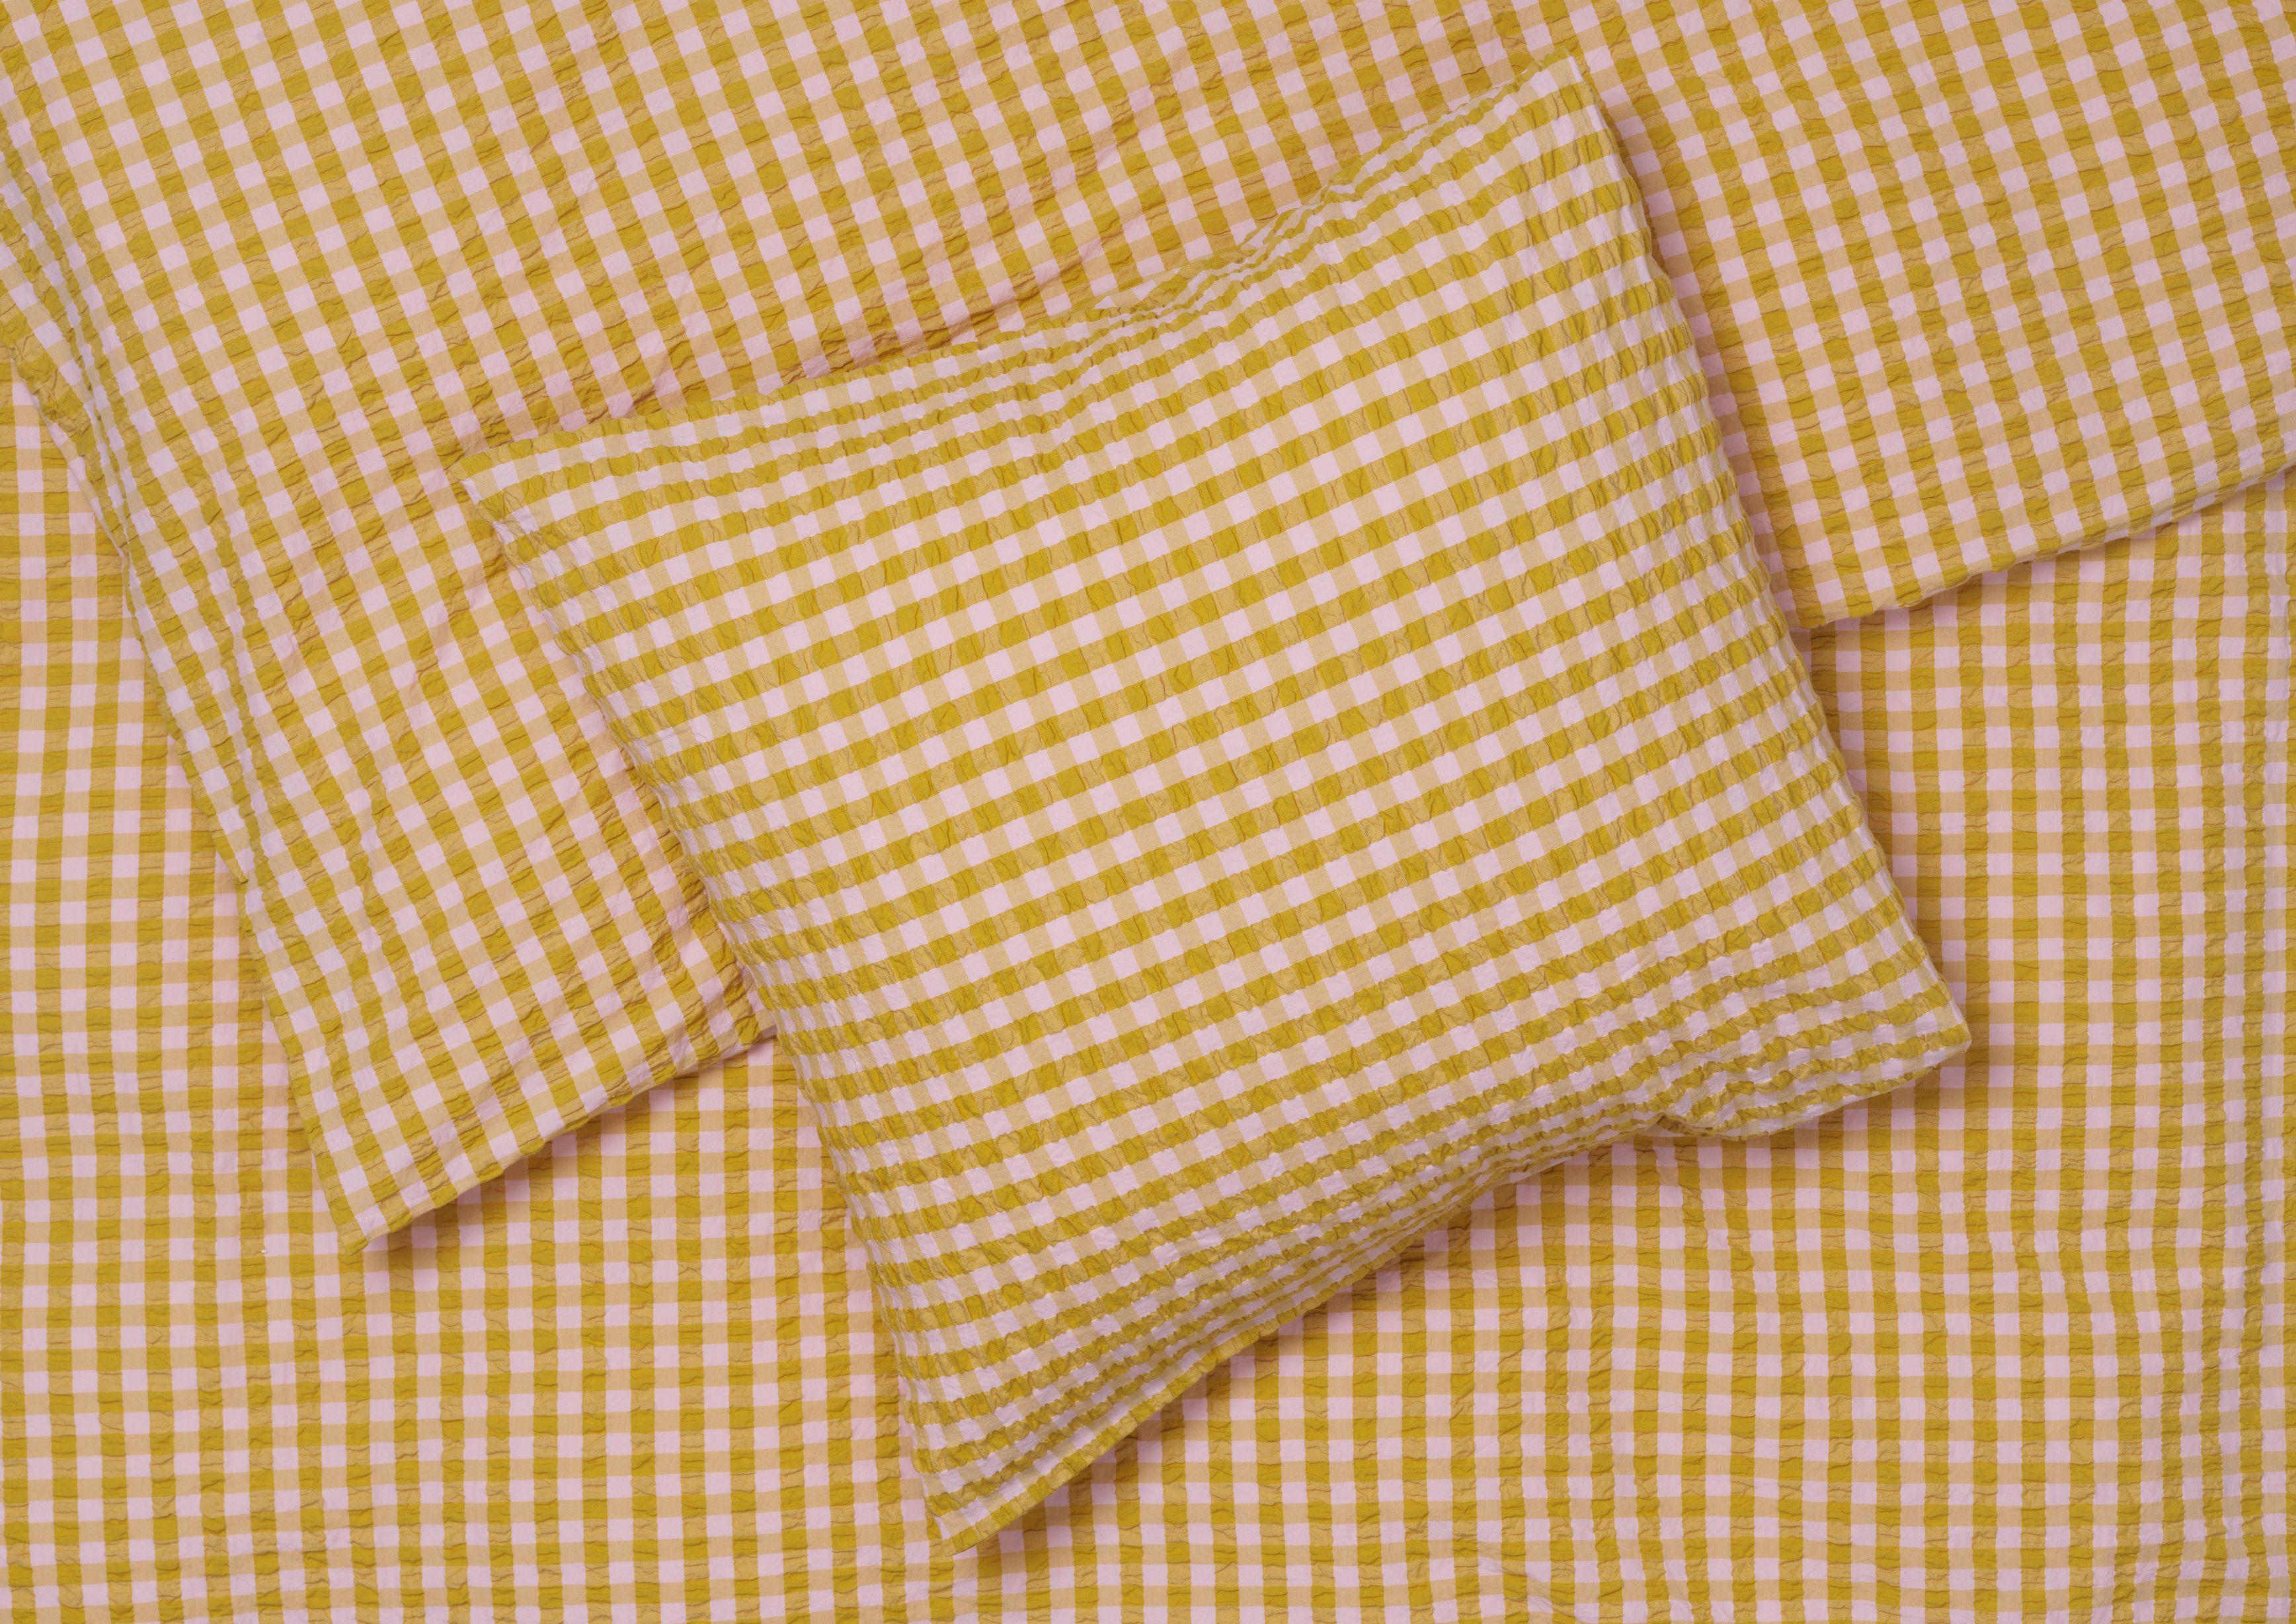 Juna Bæk&Bølge sengelinned, 140x200 cm, pink/okker